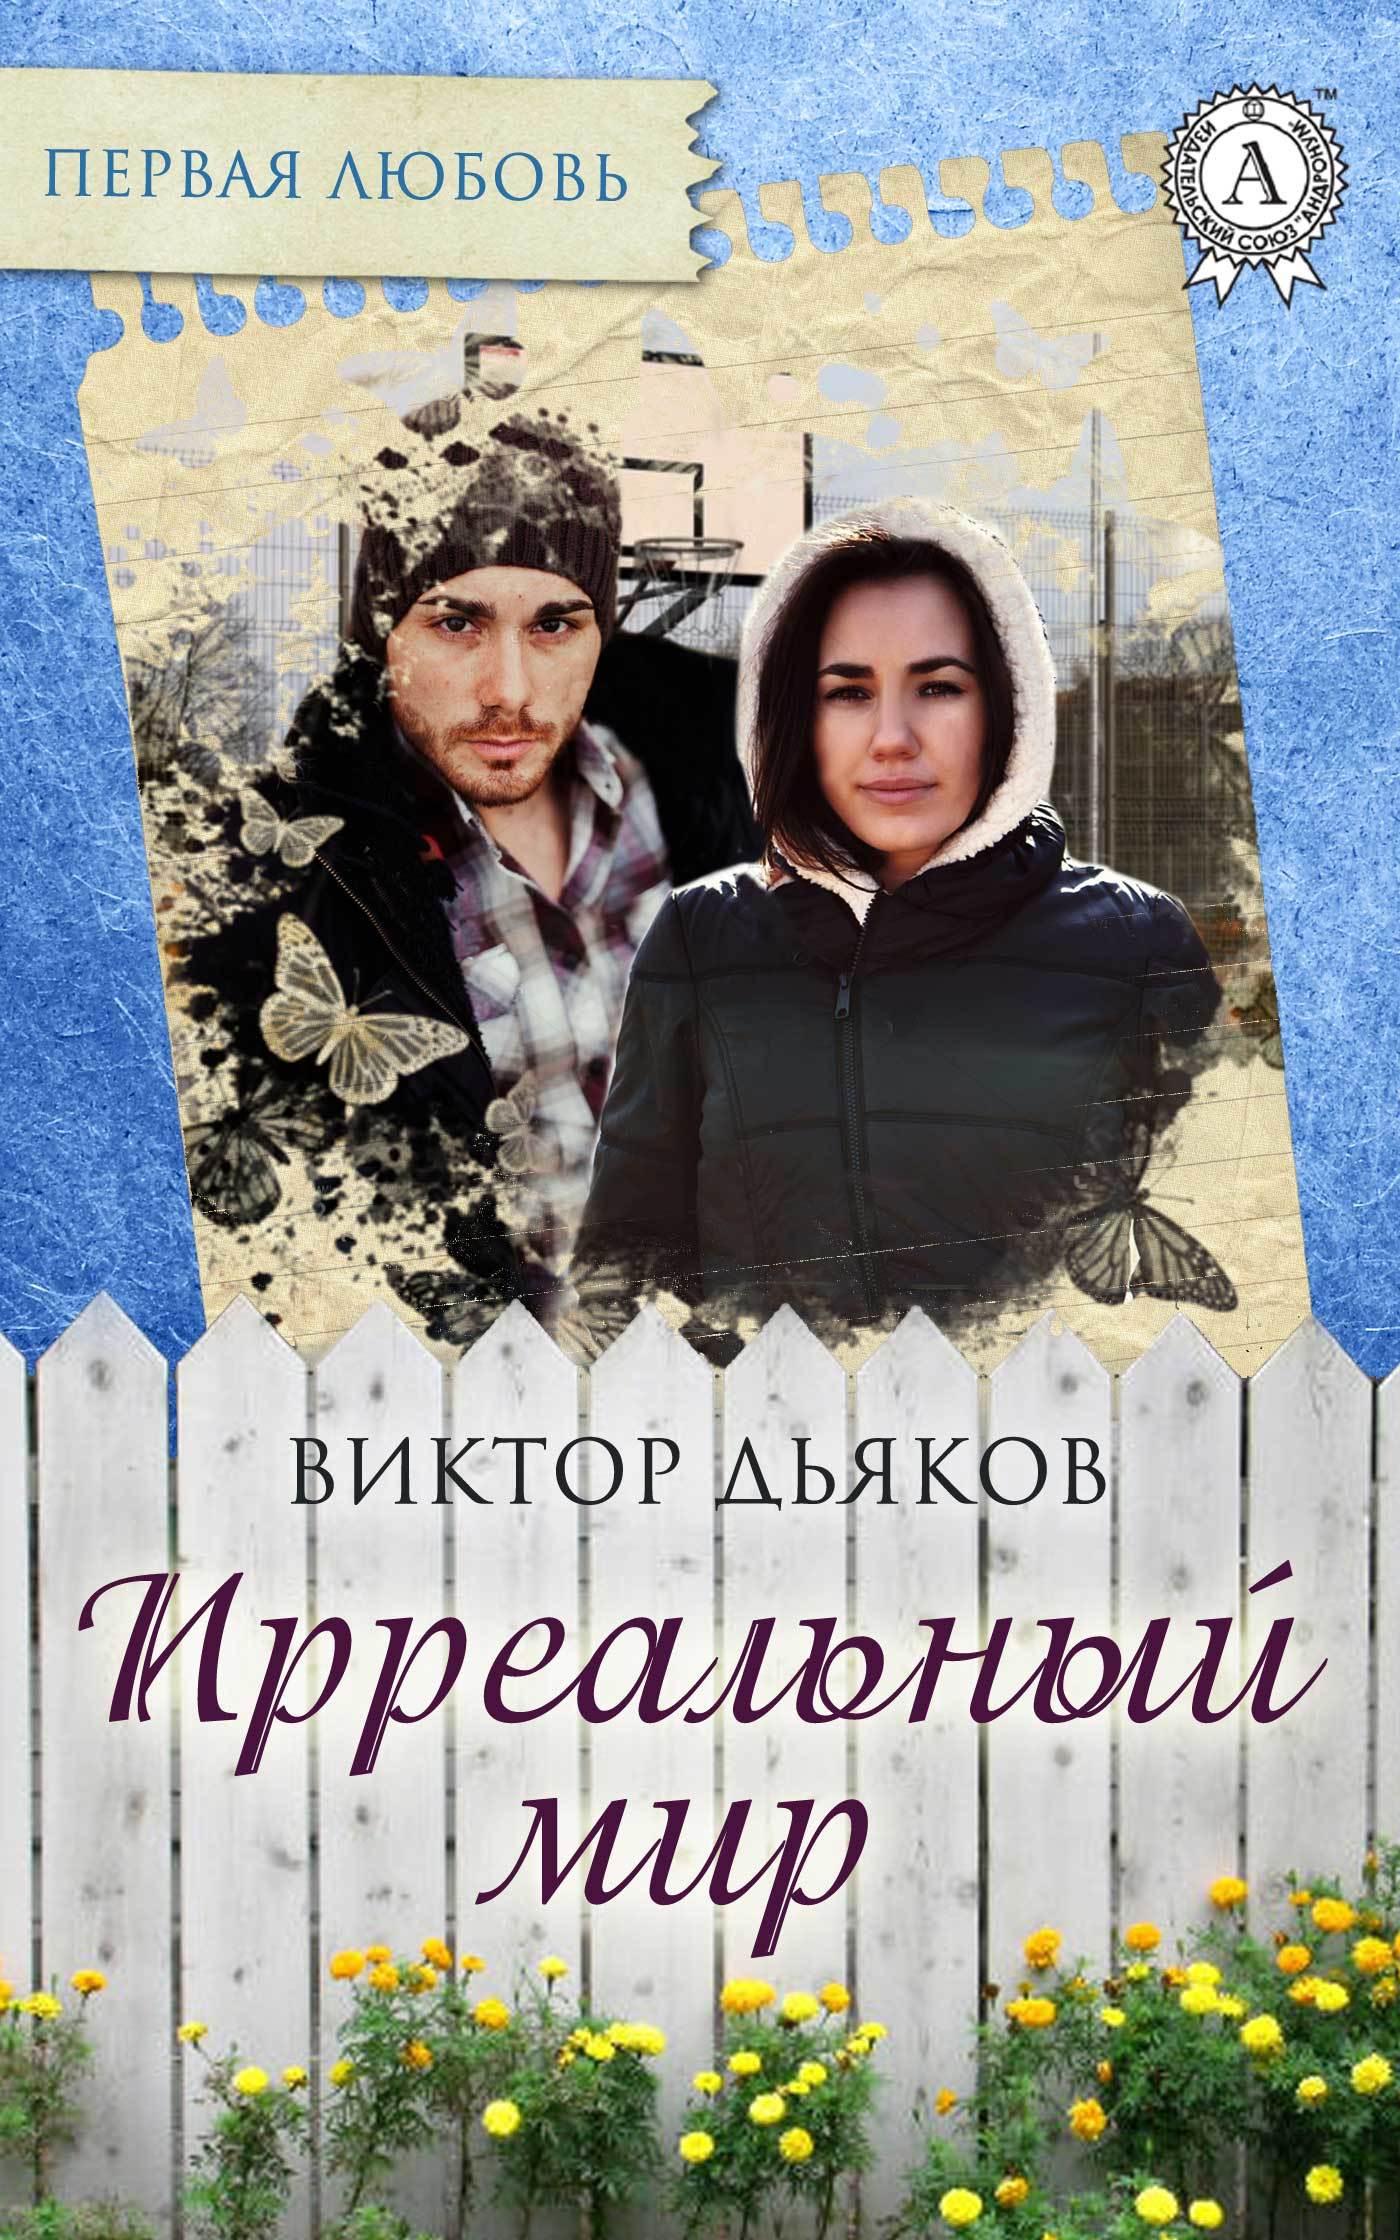 Виктор Дьяков Ирреальный мир  виктор дьяков бумеранг